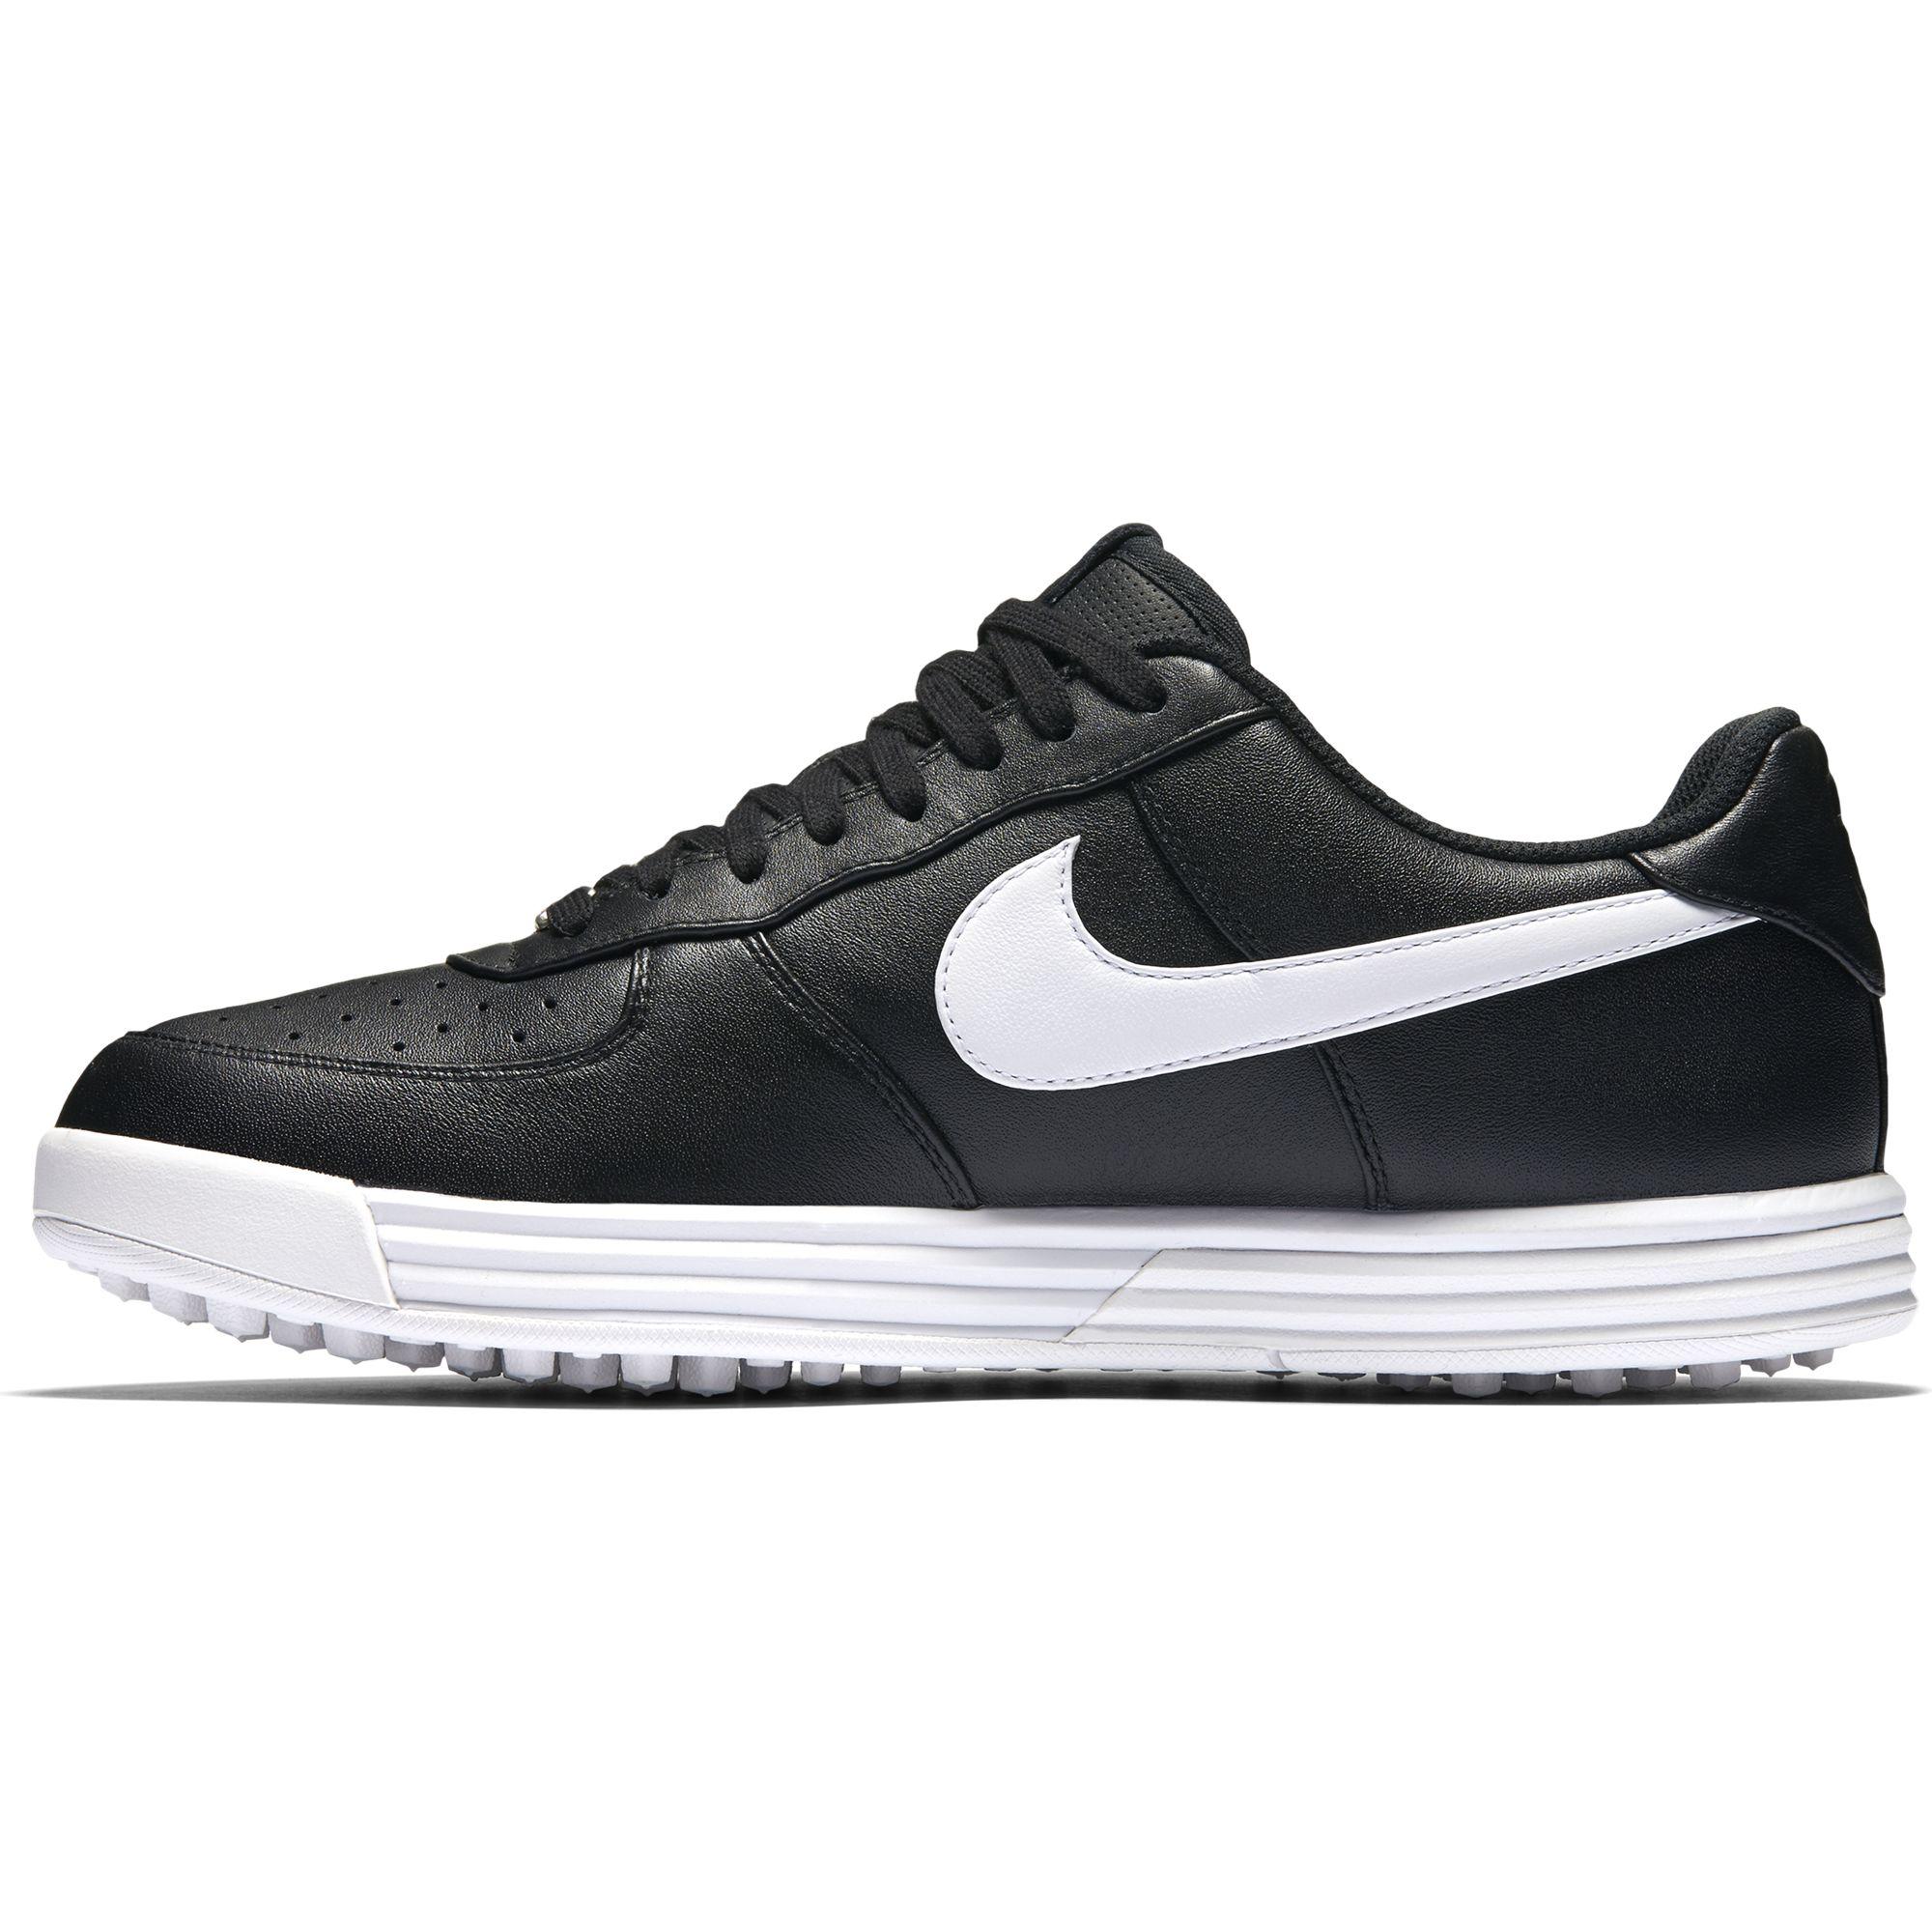 Nike-Lunar-Force-1-G-Golf-Shoes-Men-